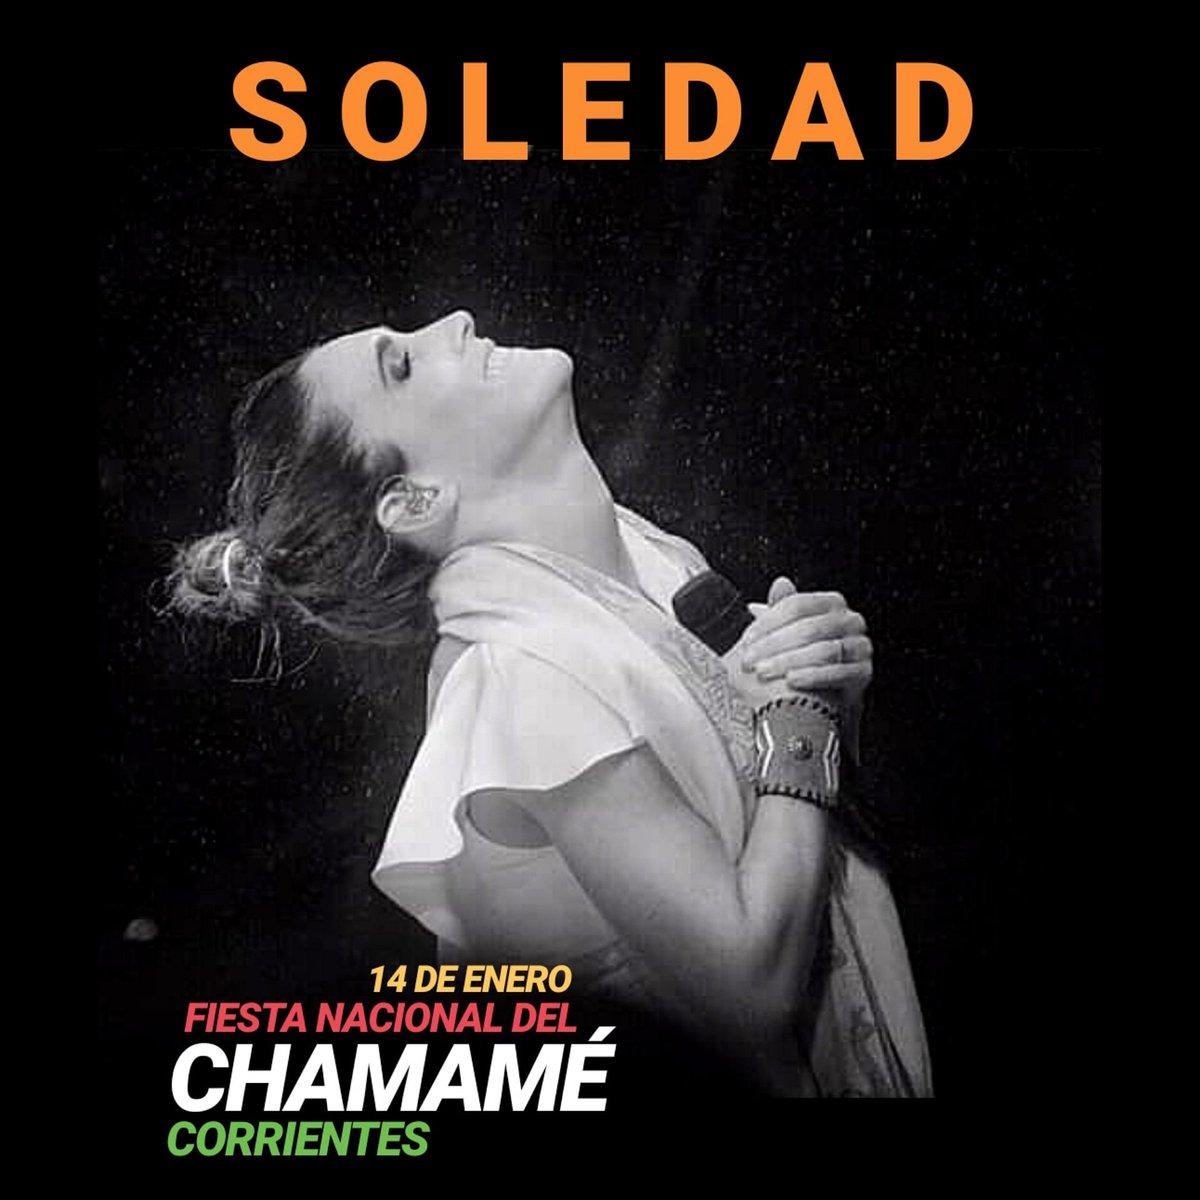 VIVO GIRANDO ®'s photo on Chamamé